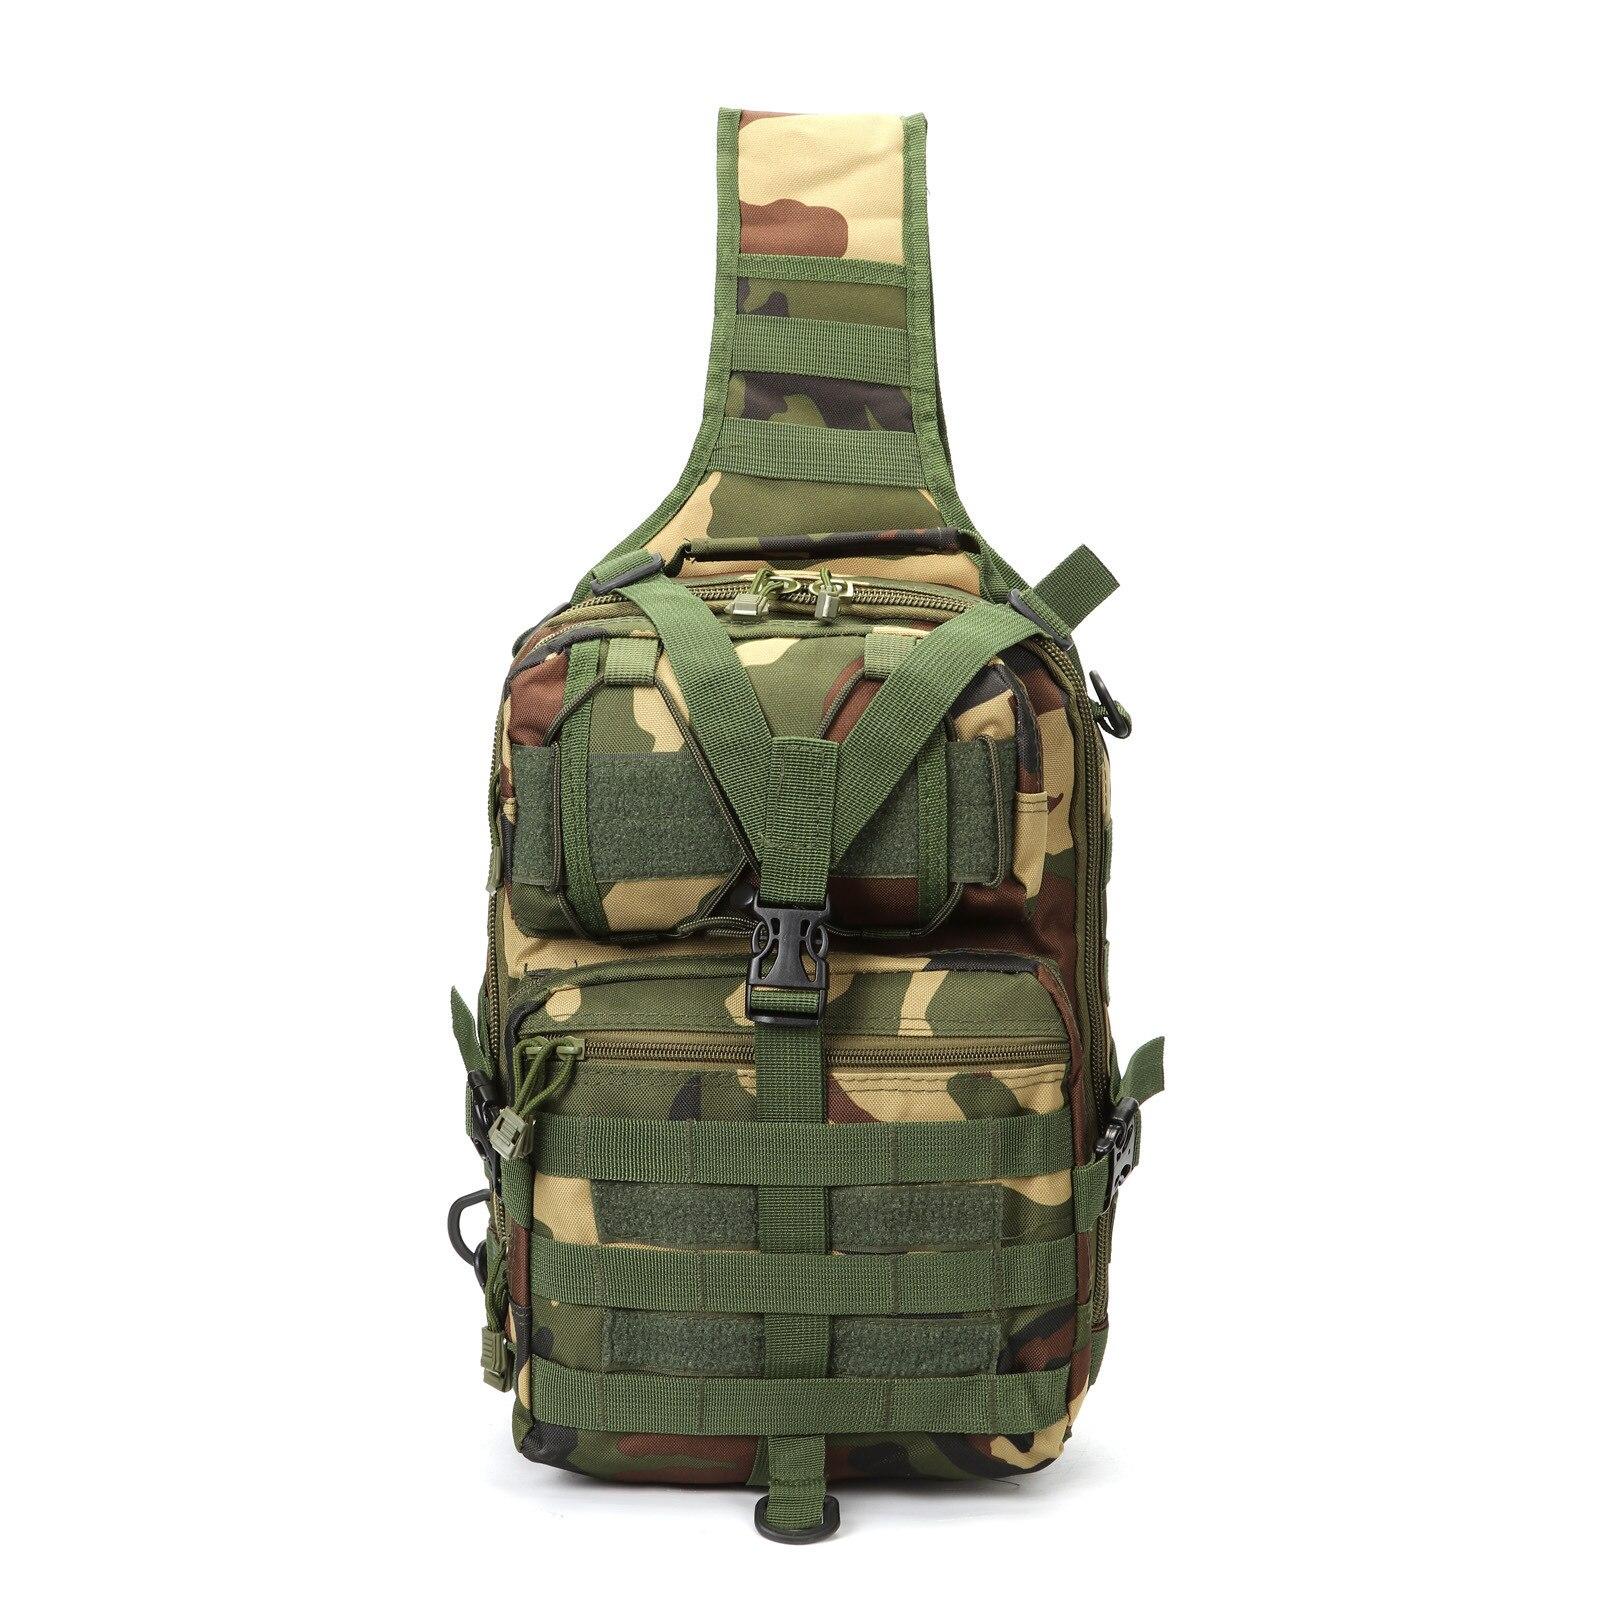 Sac à dos tactique pour hommes en plein air sac à bandoulière camouflage militaire nylon Molle armée sac à dos randonnée chasse sac de pêche 7 couleurs